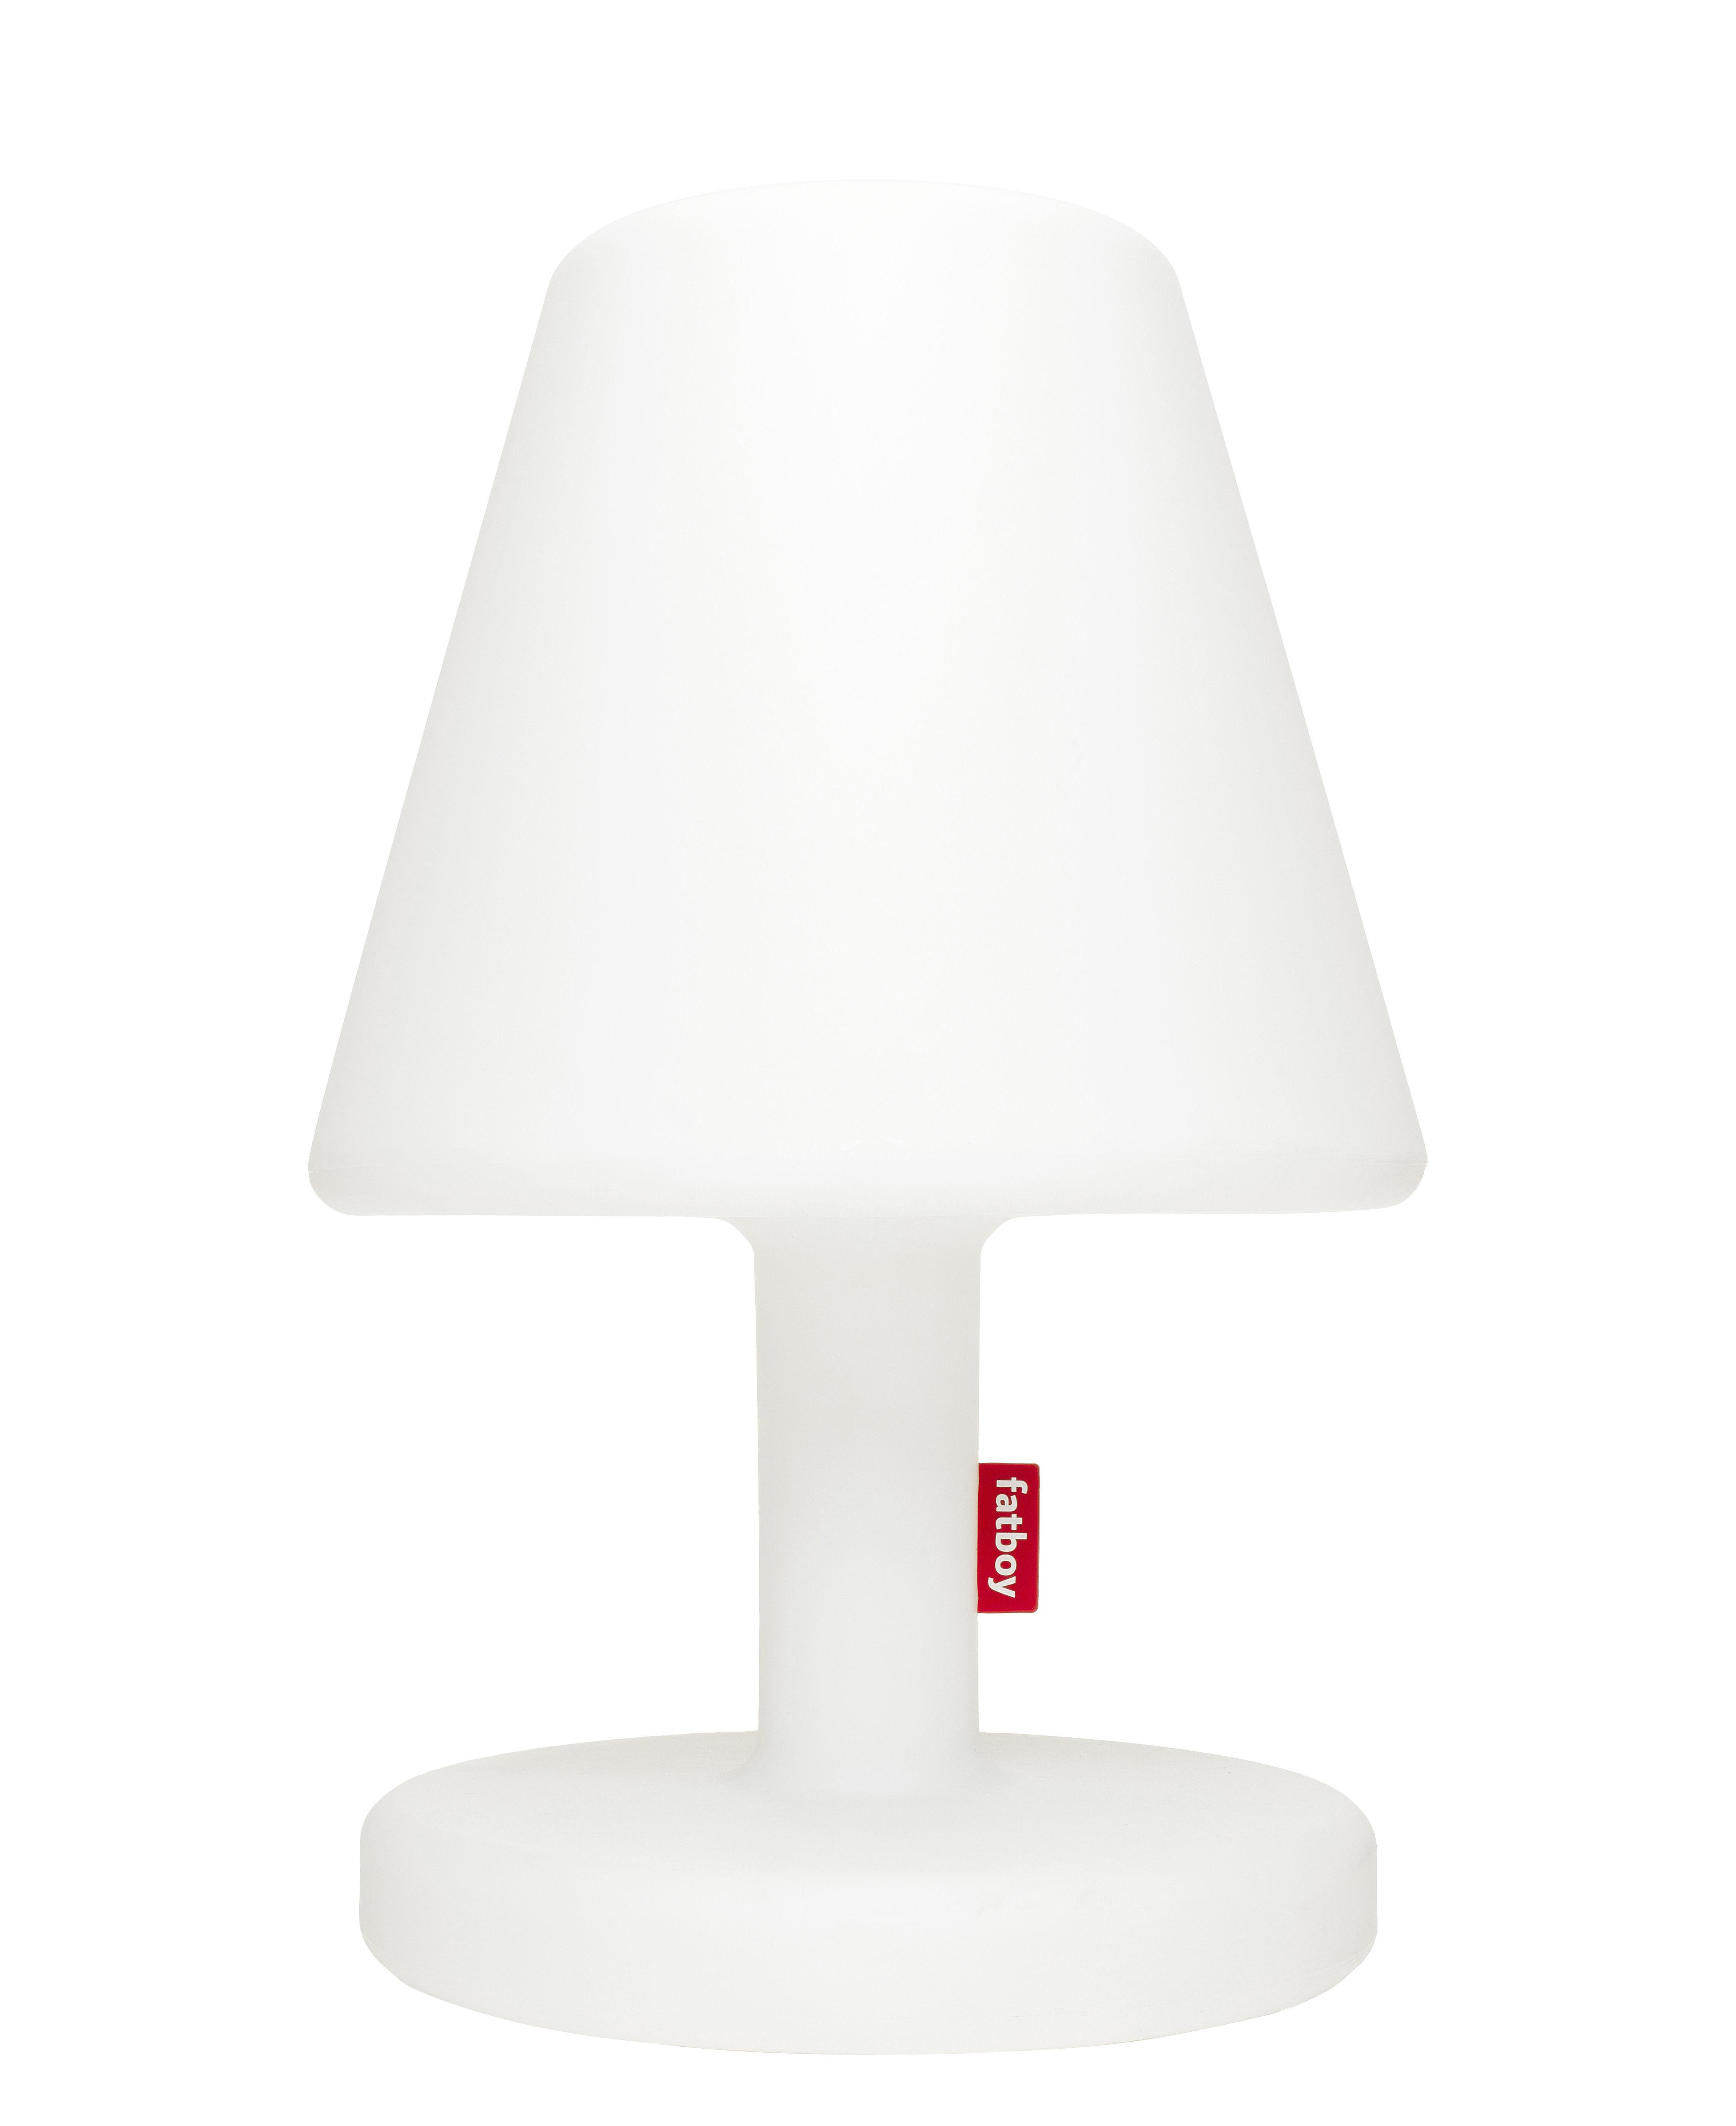 Luminaire - Lampes de table - Lampe de sol Edison the Grand Bluetooth / H 90 cm - LED - Fatboy - Blanc / Bluetooth - Polyéthylène